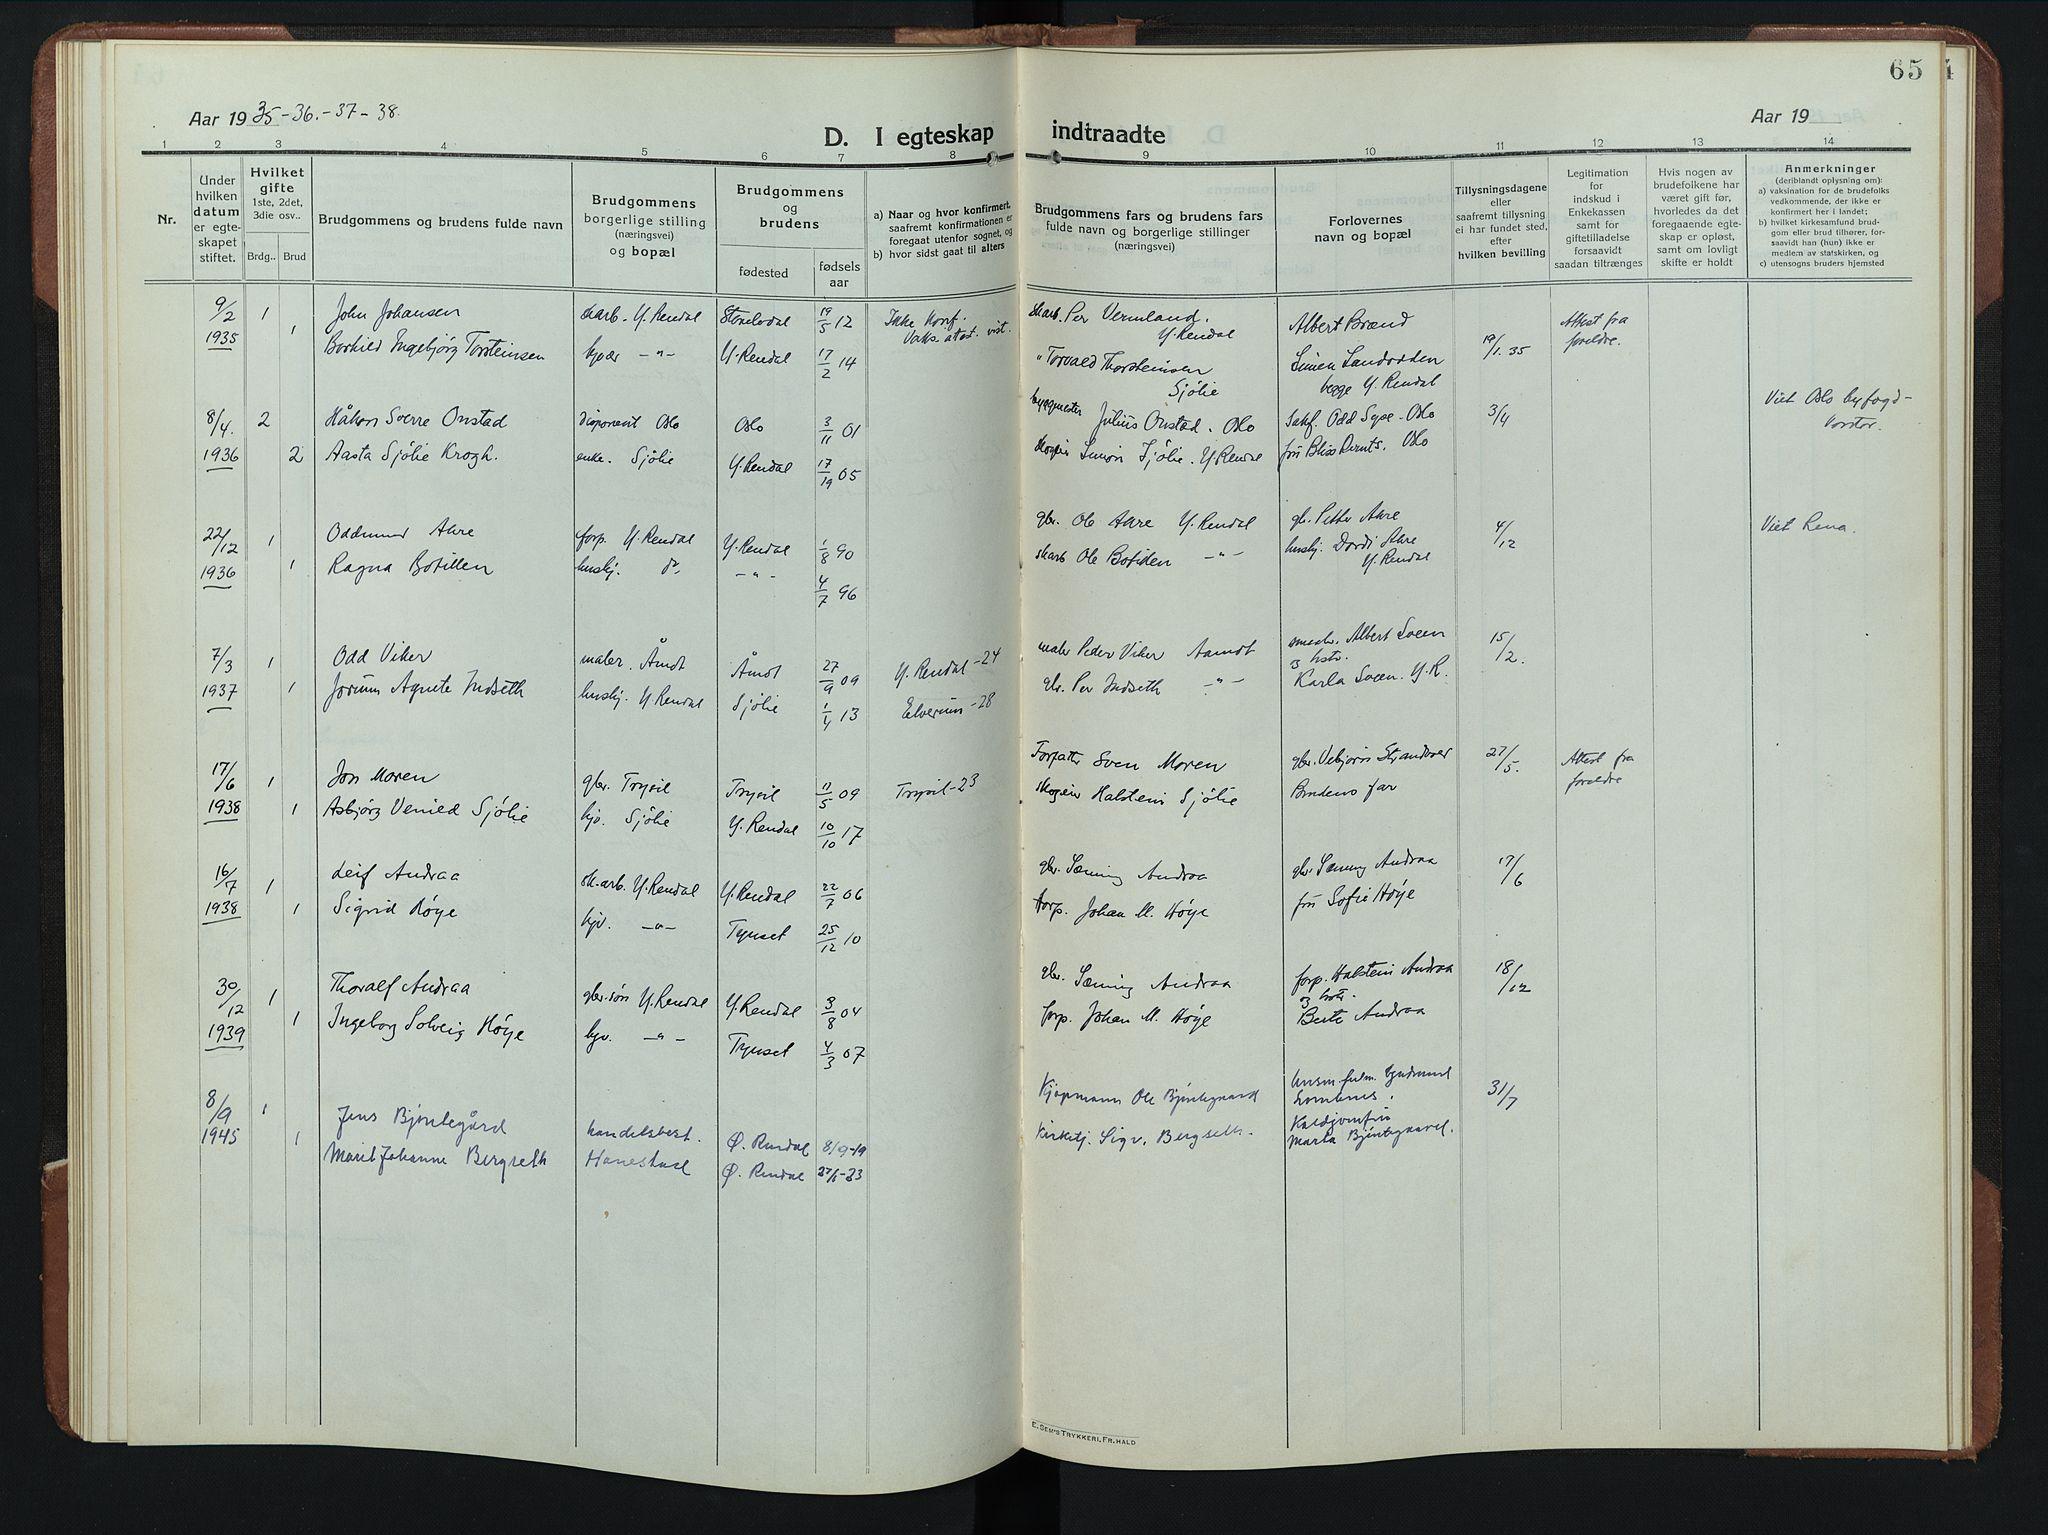 SAH, Rendalen prestekontor, H/Ha/Hab/L0008: Klokkerbok nr. 8, 1914-1948, s. 65